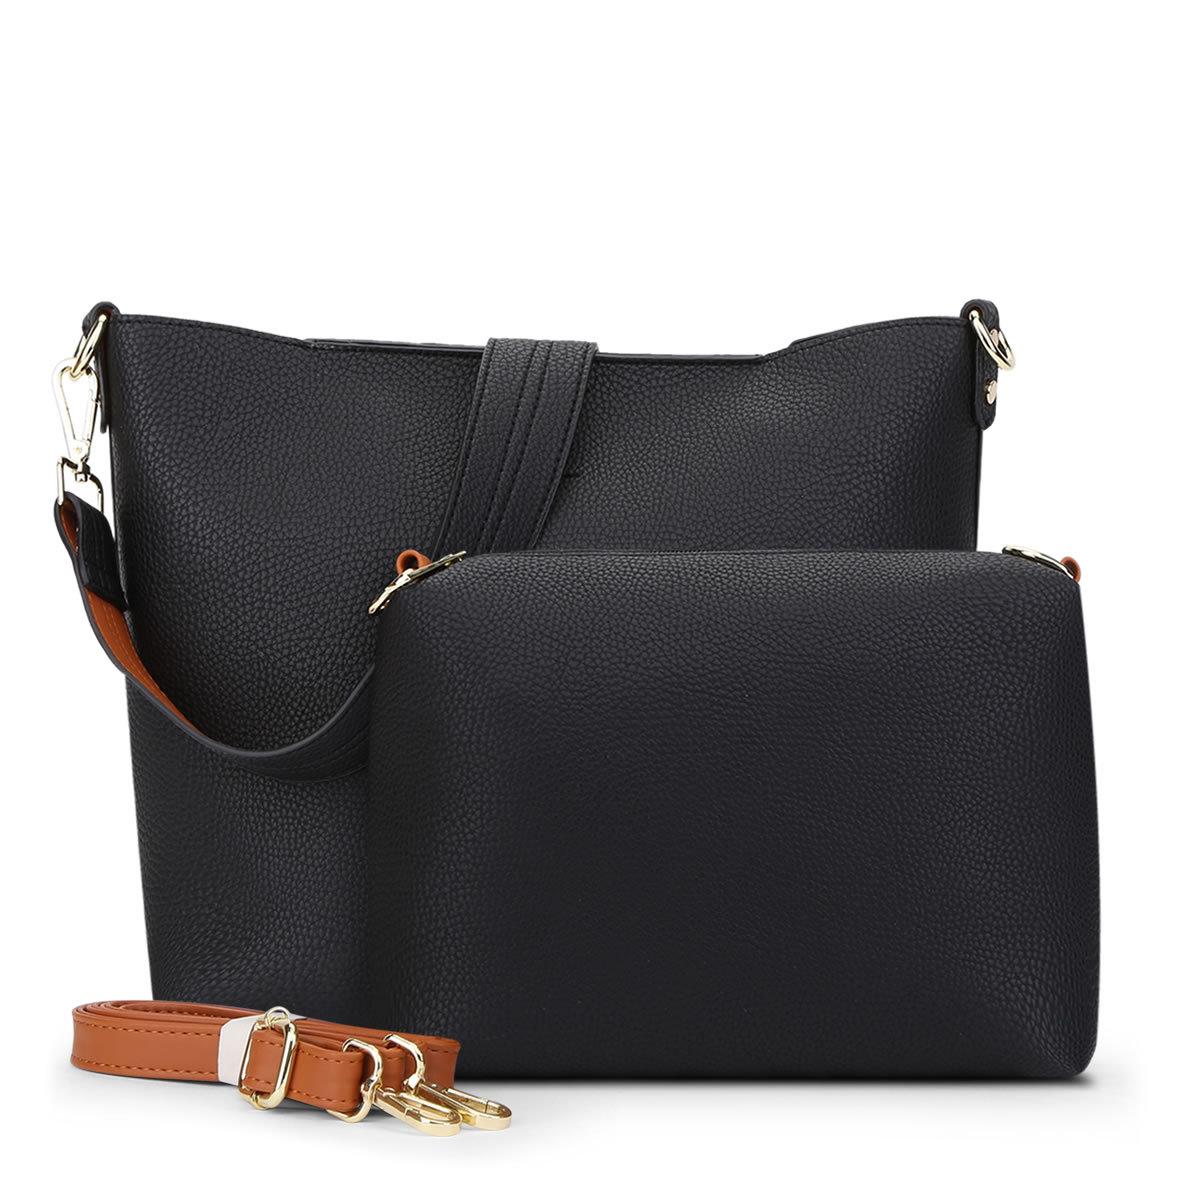 พร้อมส่ง กระเป๋าถือและสะพายข้าง เรียบง่ายสะบายๆ เซ็ต 2 ใบ แฟชั่นเกาหลี Sunny-865 สีดำ